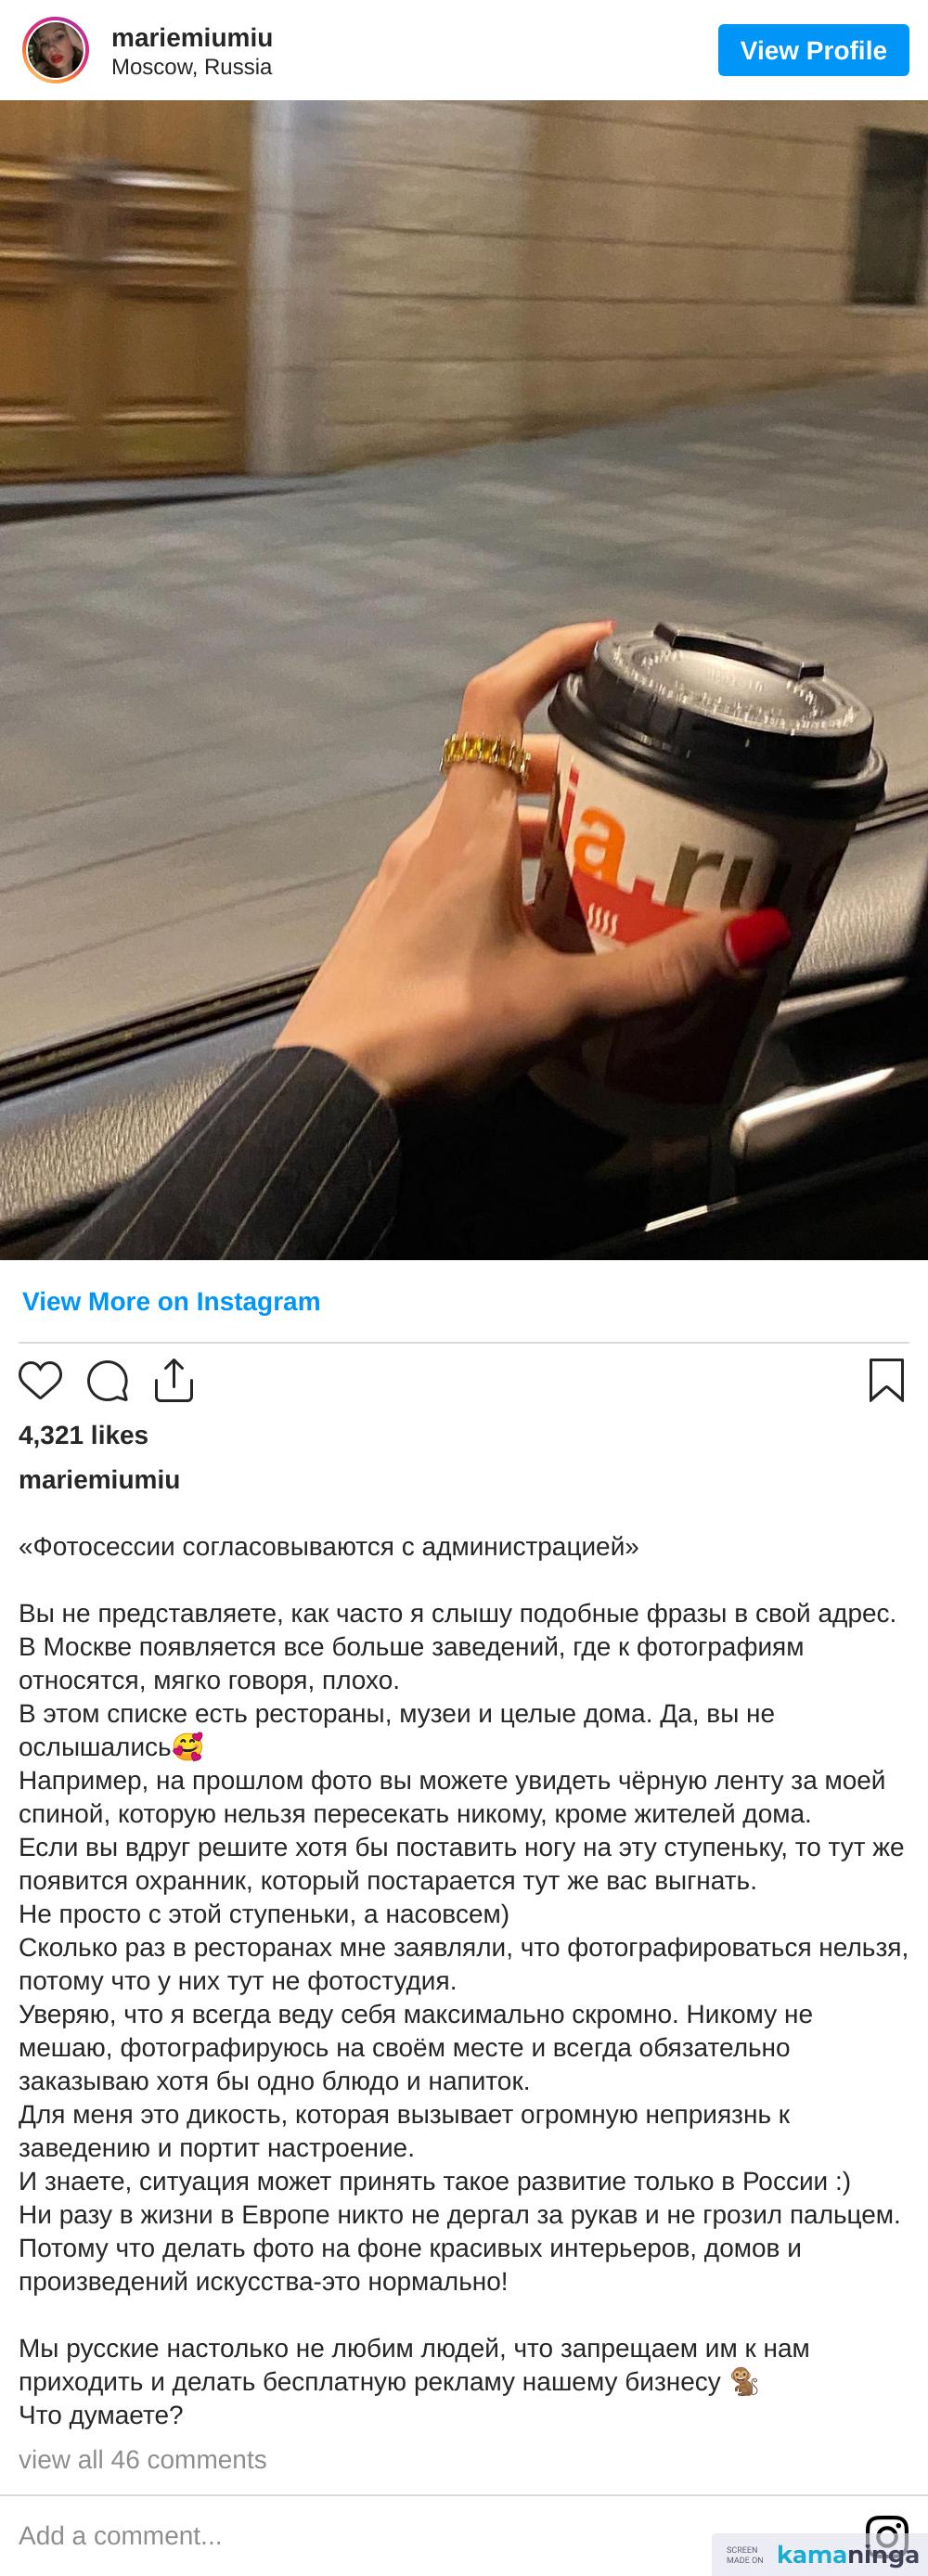 https://www.instagram.com/p/CQLgHFHHP32/